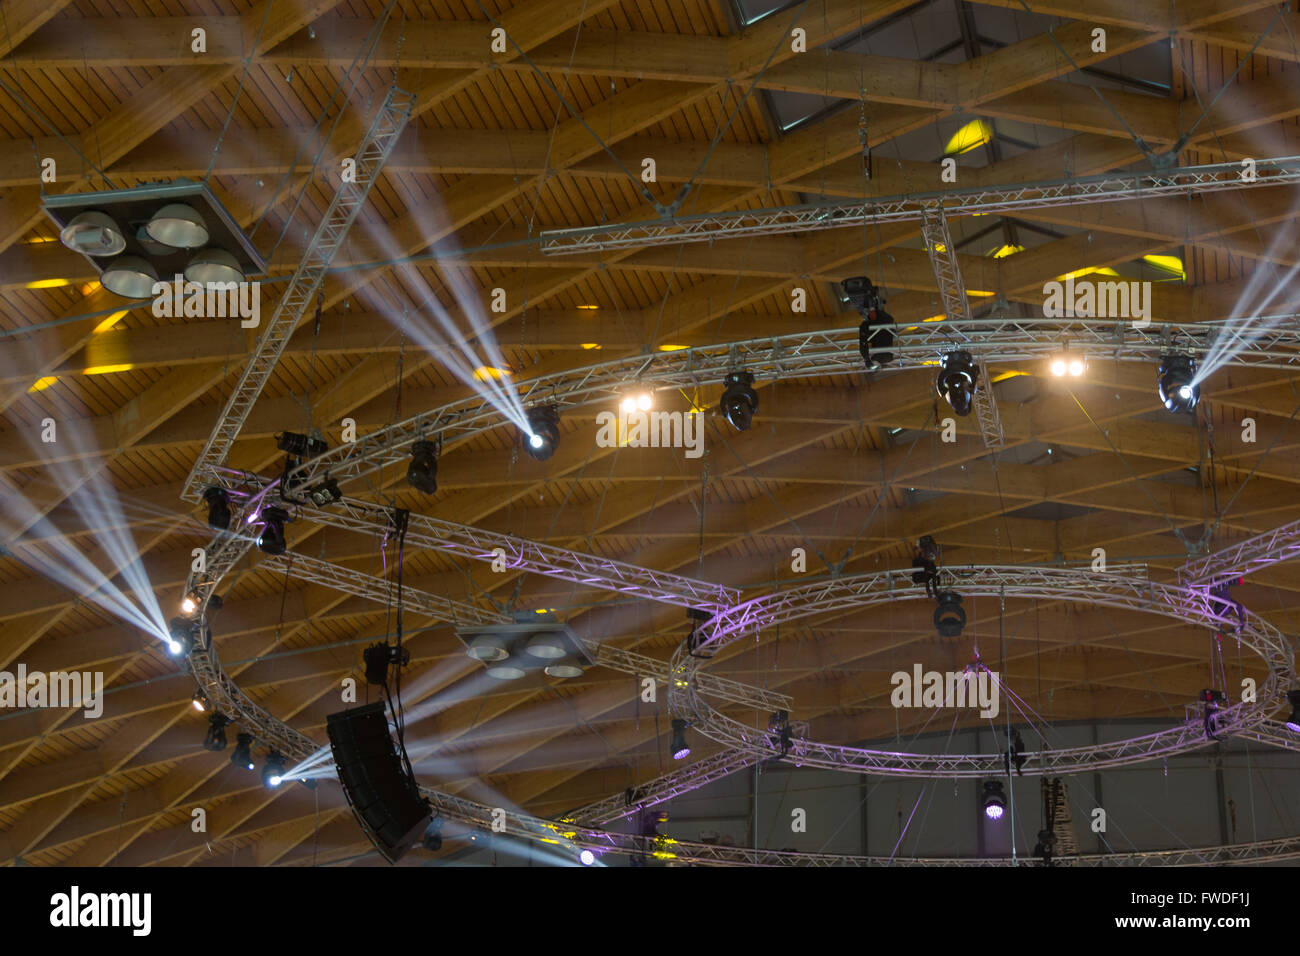 Stadio rack luci con faretti sul soffitto con travi in legno a vista